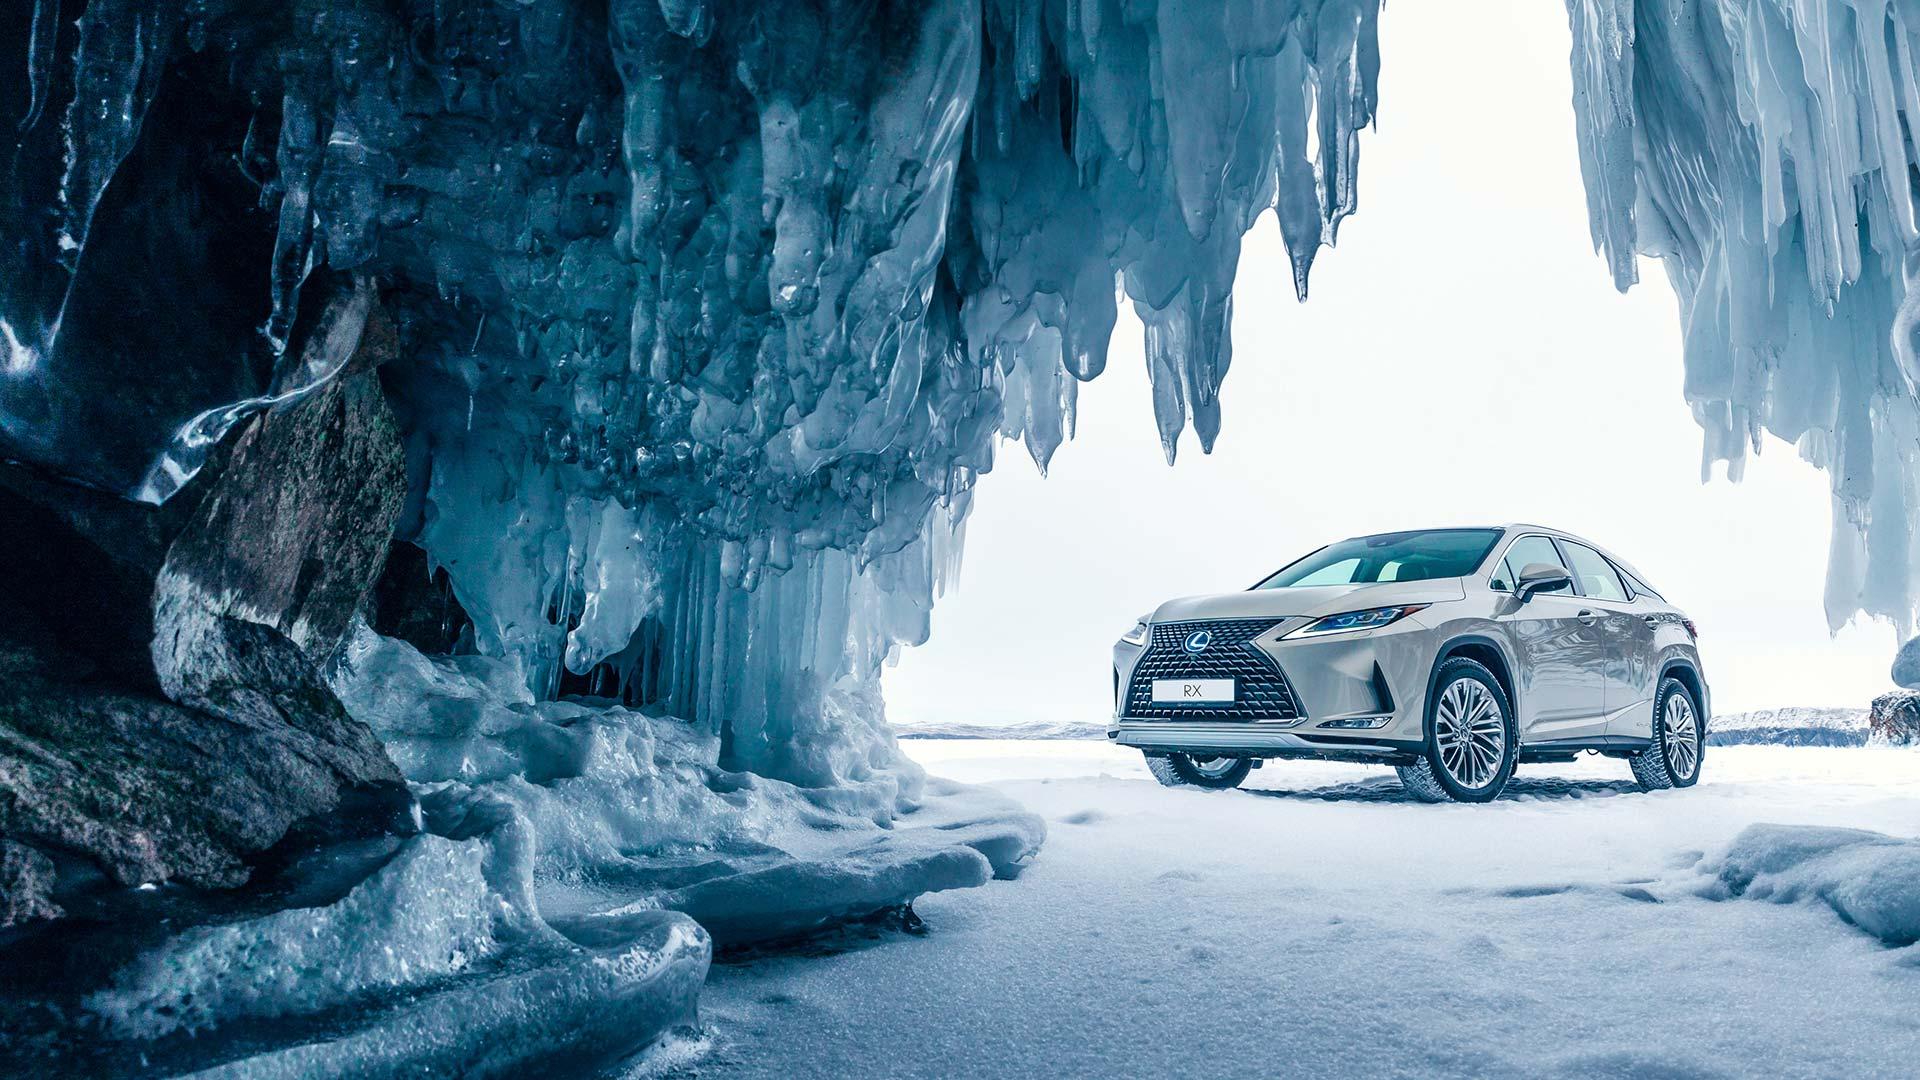 Lexus Sthockholm Malmö Julkalender 2020 Utvalda erbjudanden varje vecka